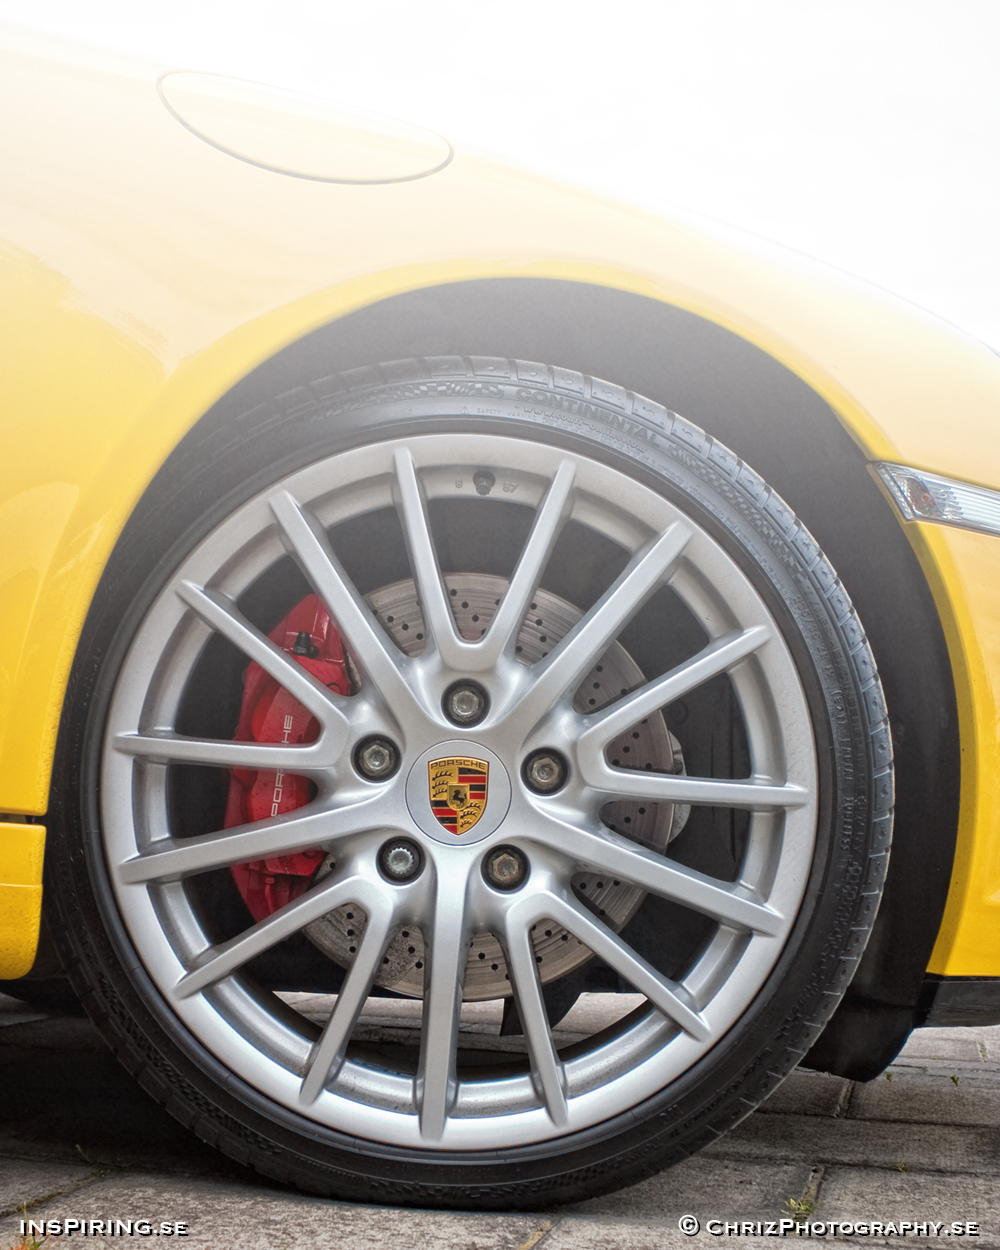 Inspiring.se_OUTTHERE_copyright_ChrizPhotography.se_645_Porsche_wheel.jpg